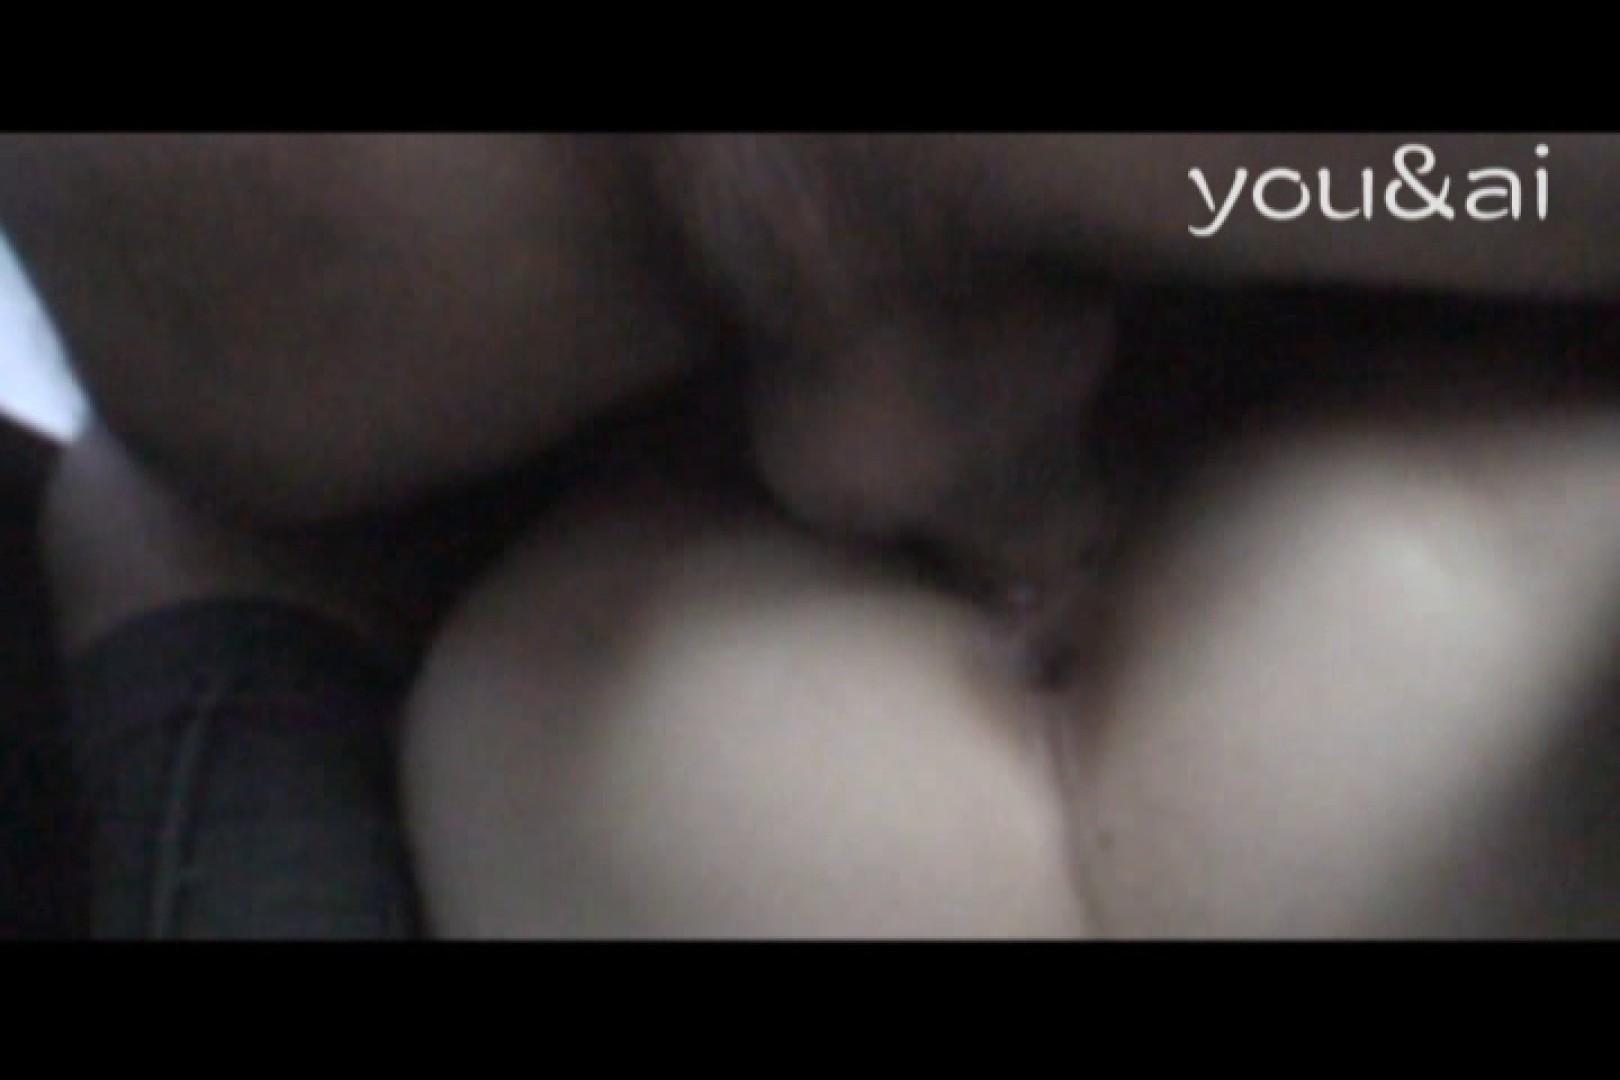 無料アダルト動画:おしどり夫婦のyou&aiさん投稿作品vol.8:大奥